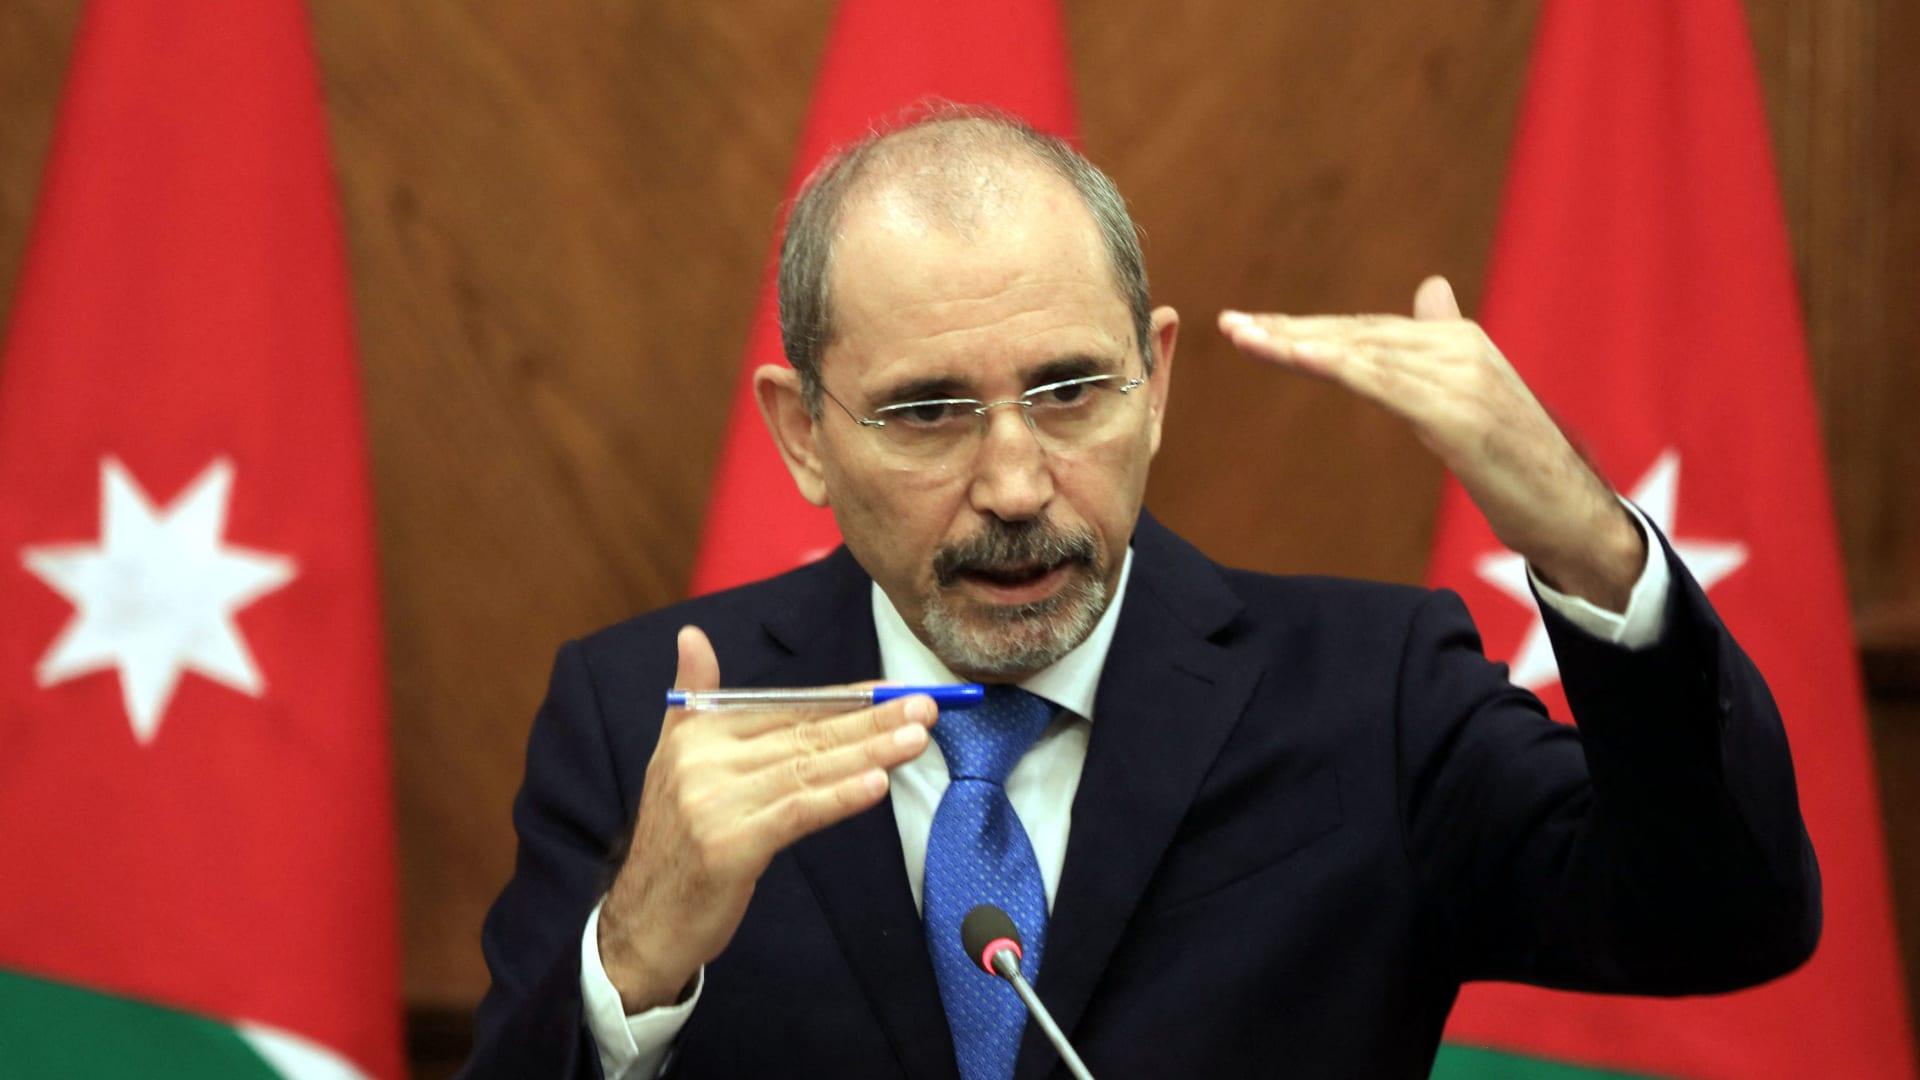 وزيرا خارجية الأردن وسوريا يبحثان تعزيز التعاون وضمان أمن الحدود في نيويورك